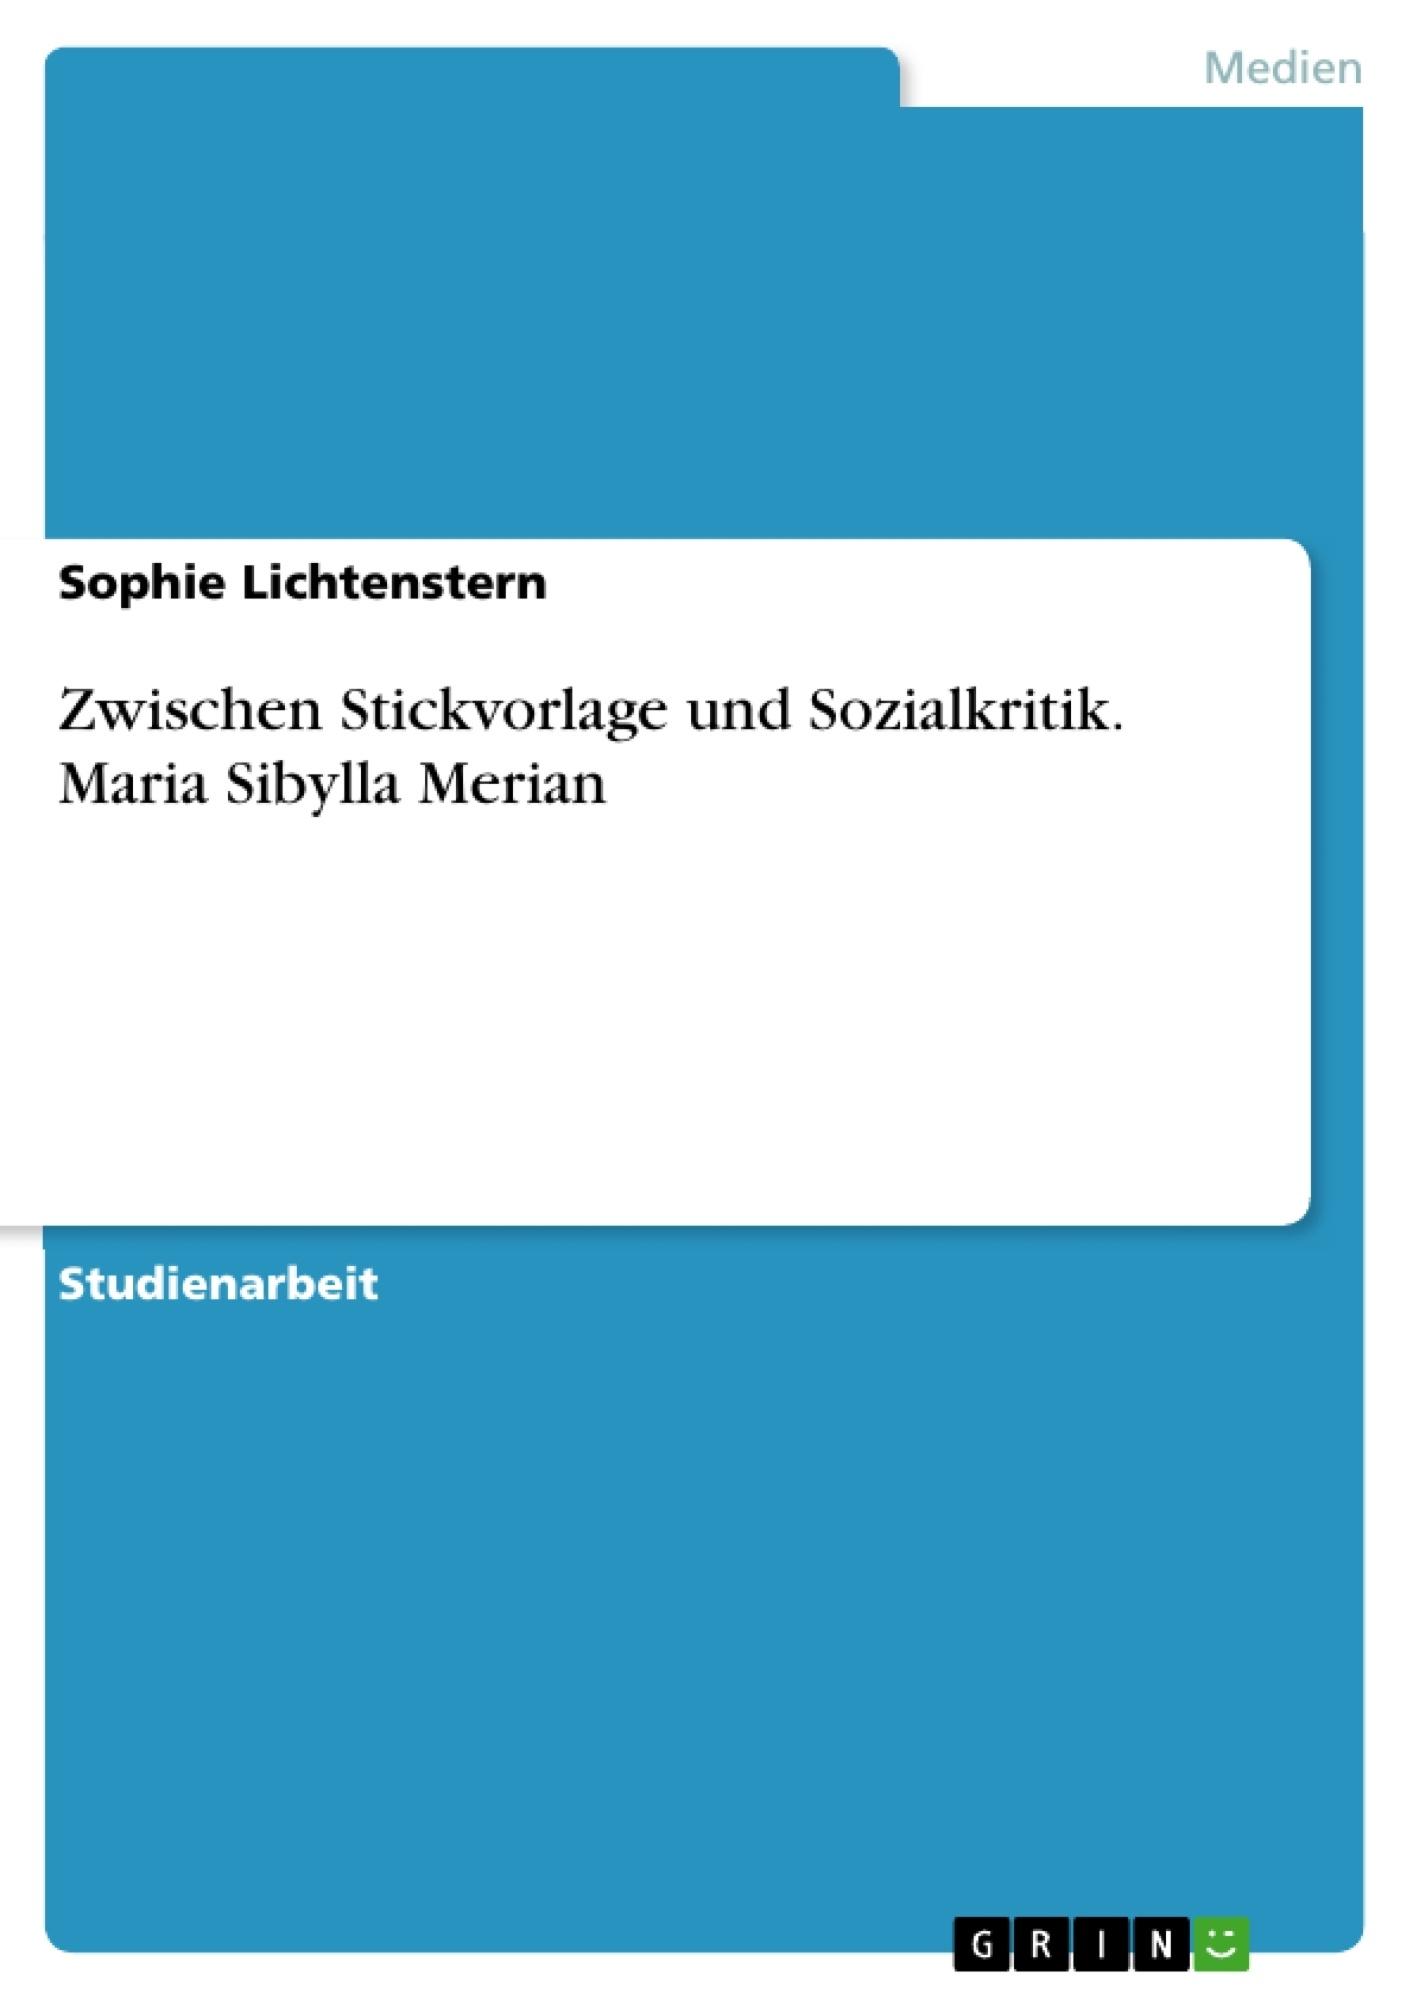 Titel: Zwischen Stickvorlage und Sozialkritik. Maria Sibylla Merian